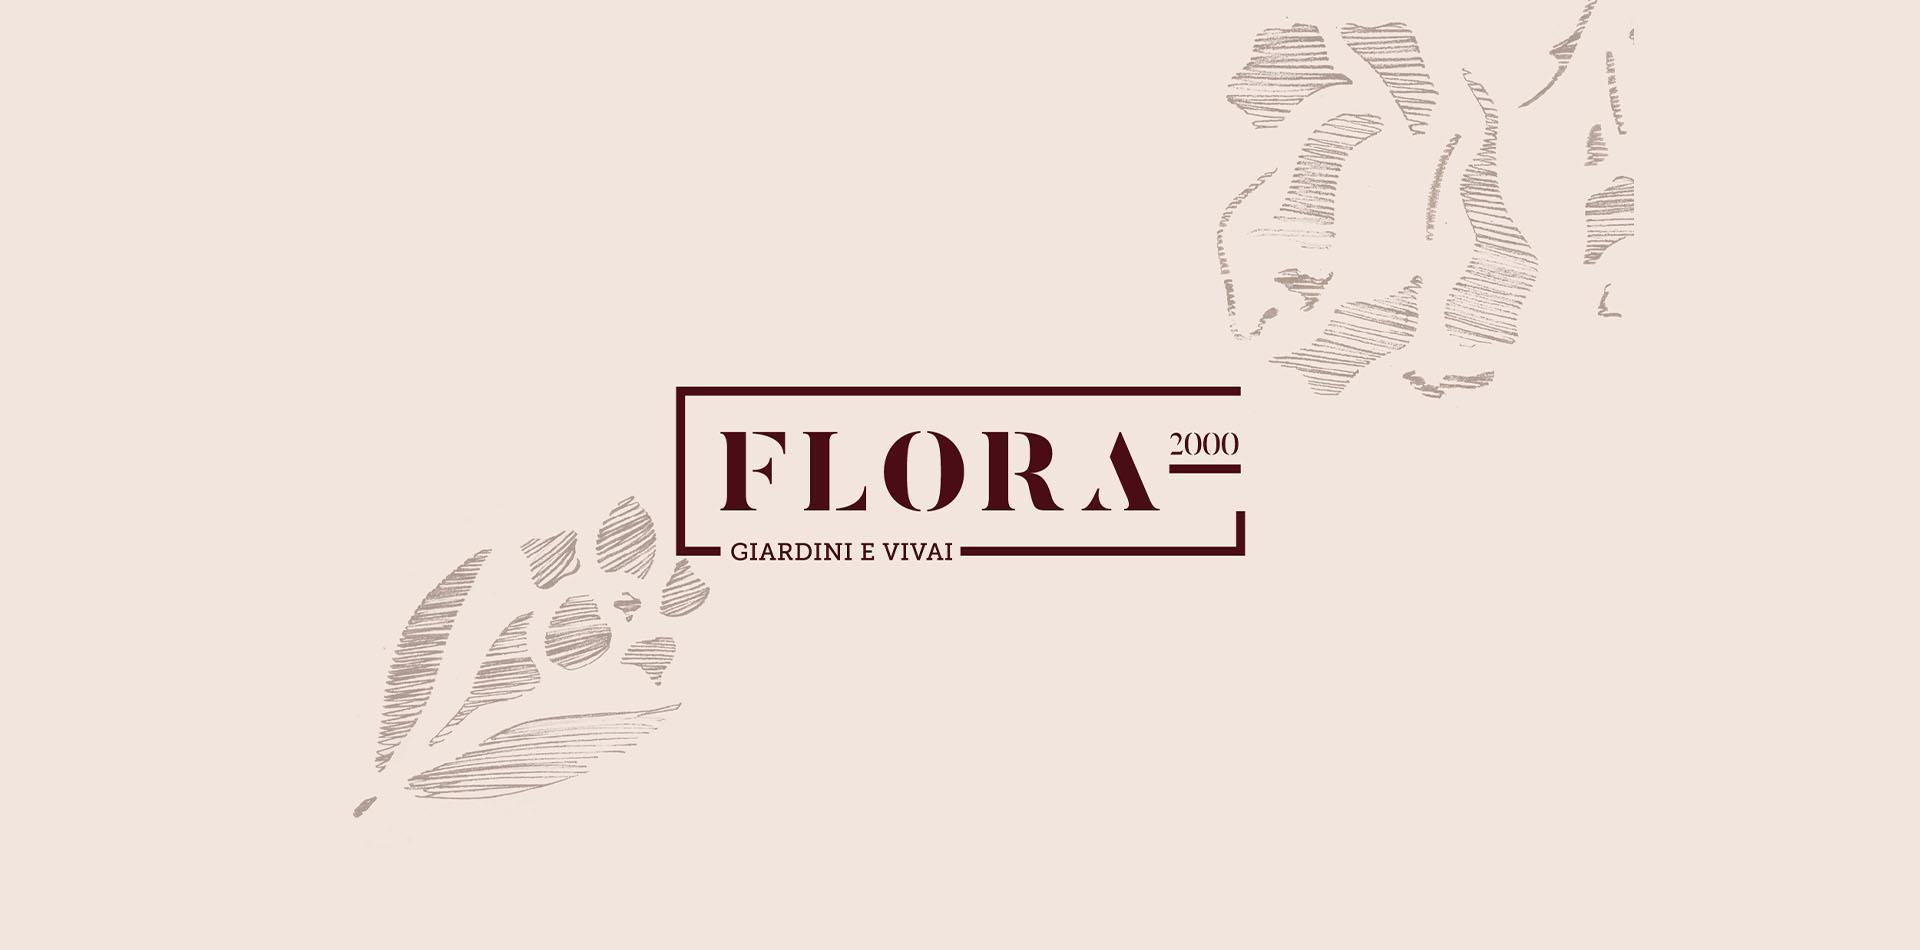 FLORA 2000 LOGO 01 big